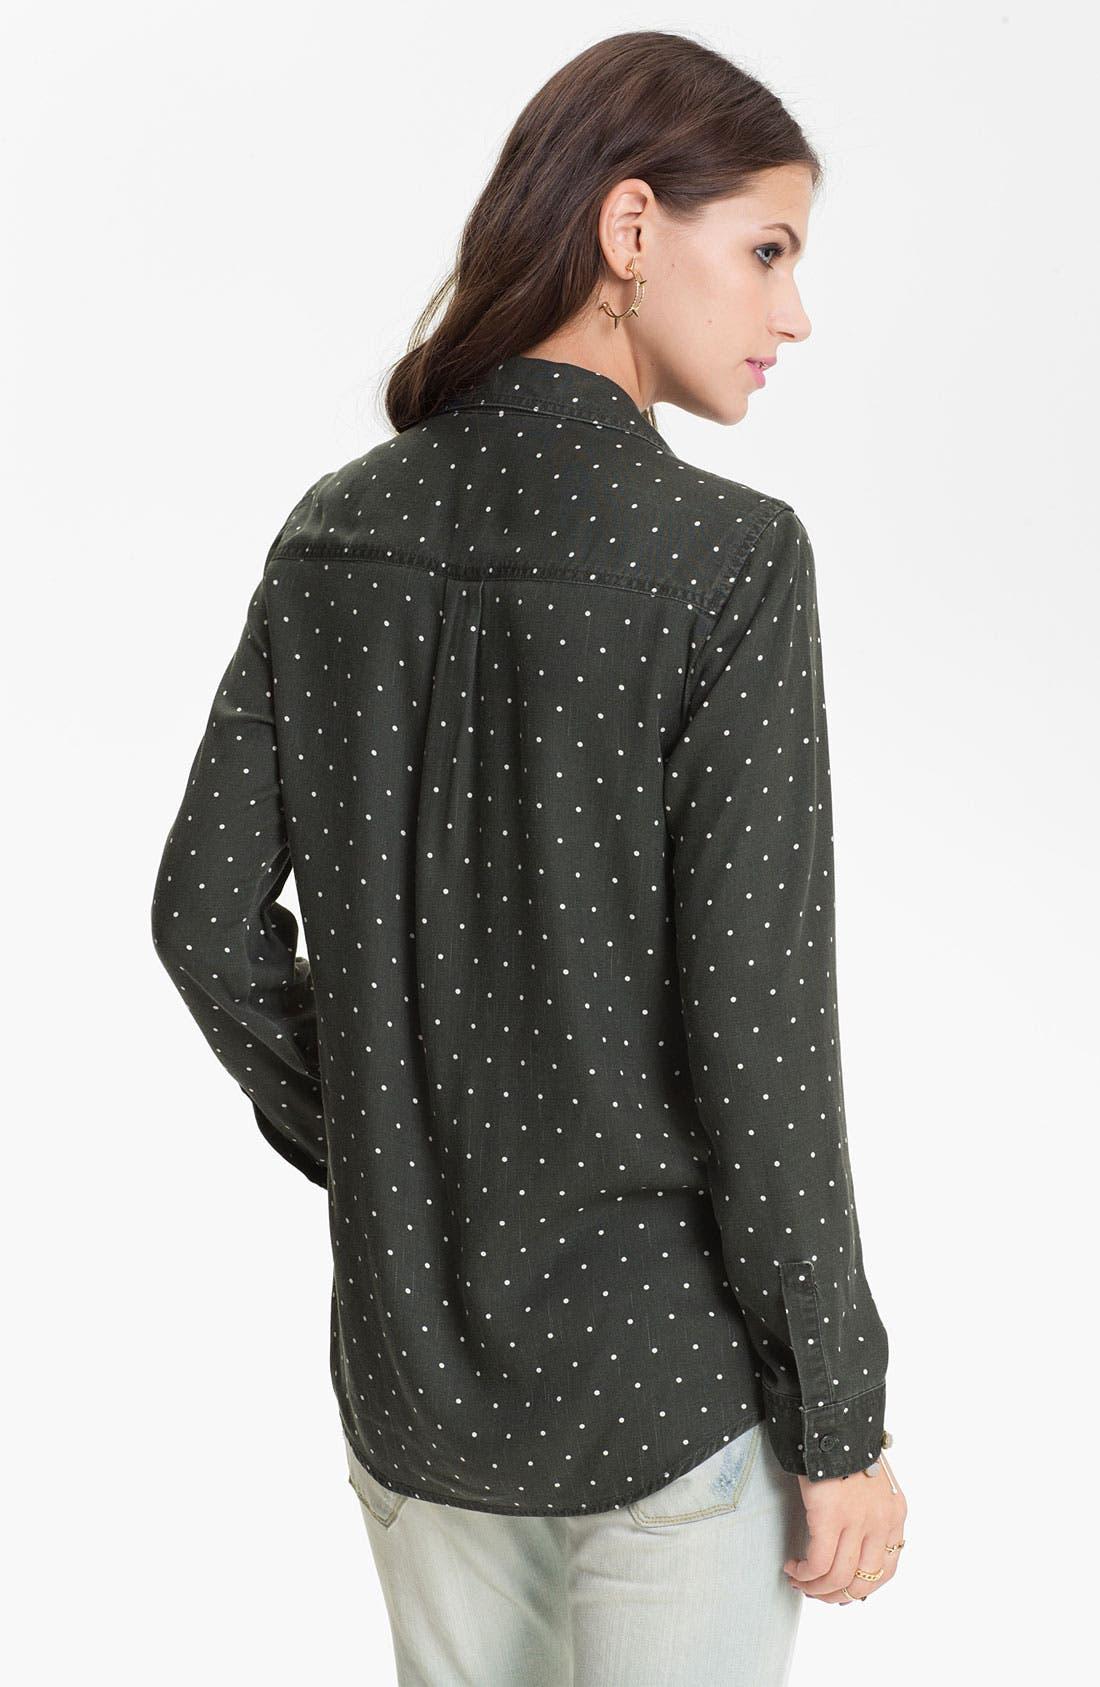 Mini Dot Menswear Shirt,                             Alternate thumbnail 2, color,                             Simplest Dot Black